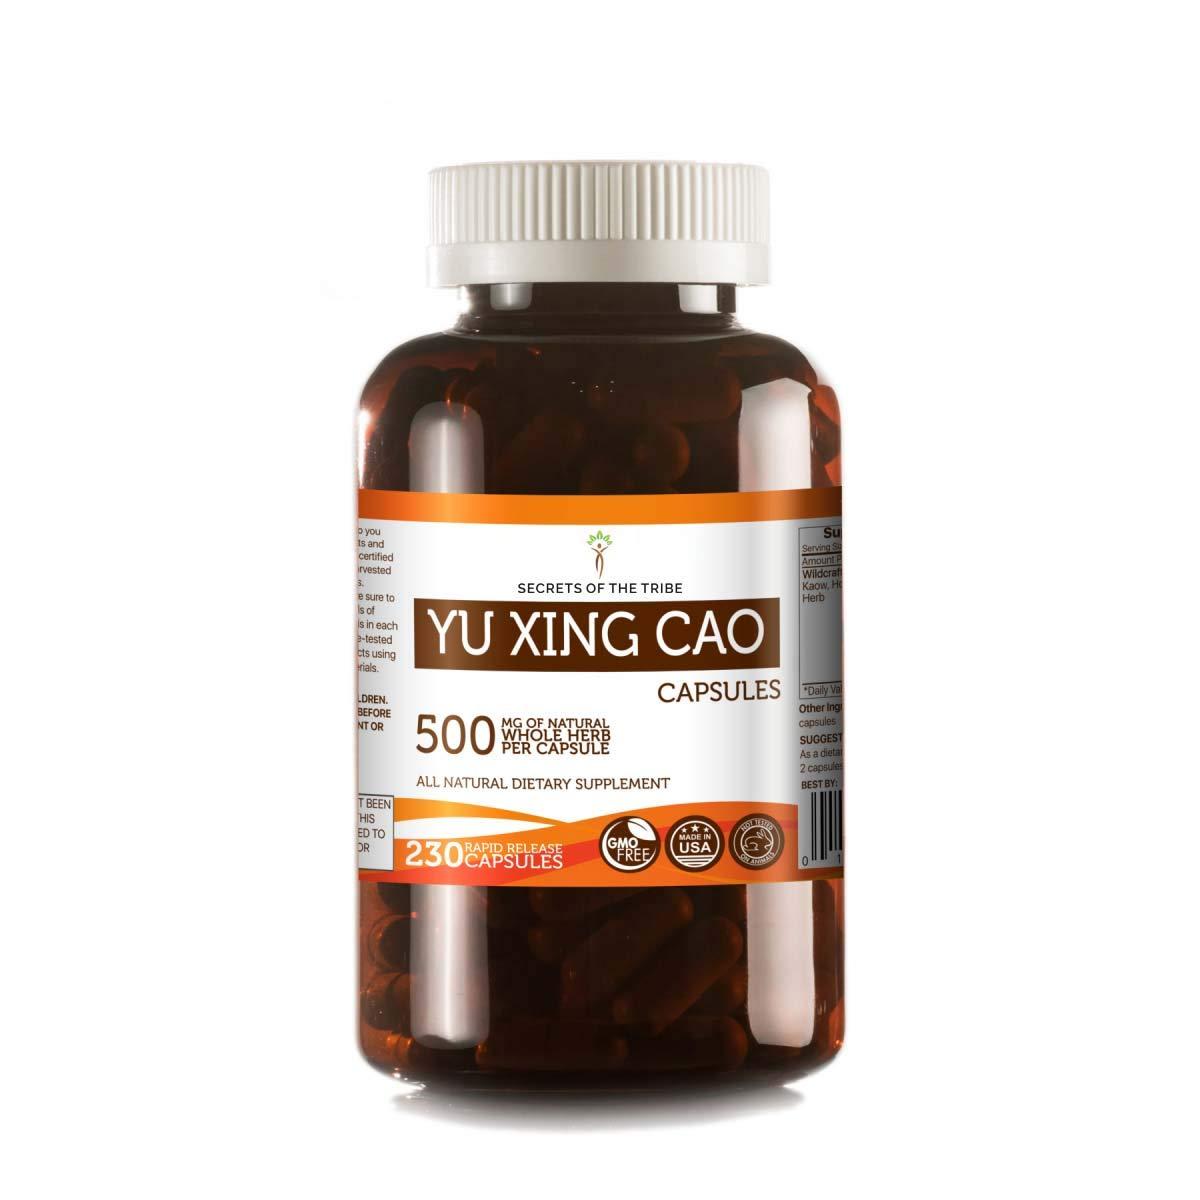 Yu Xing Cao 230 Capsules, 500 mg, Wildcrafted Yu Xing Cao (Plu Kaow, Houttuynia Cordata) Dried Herb (230 Capsules)